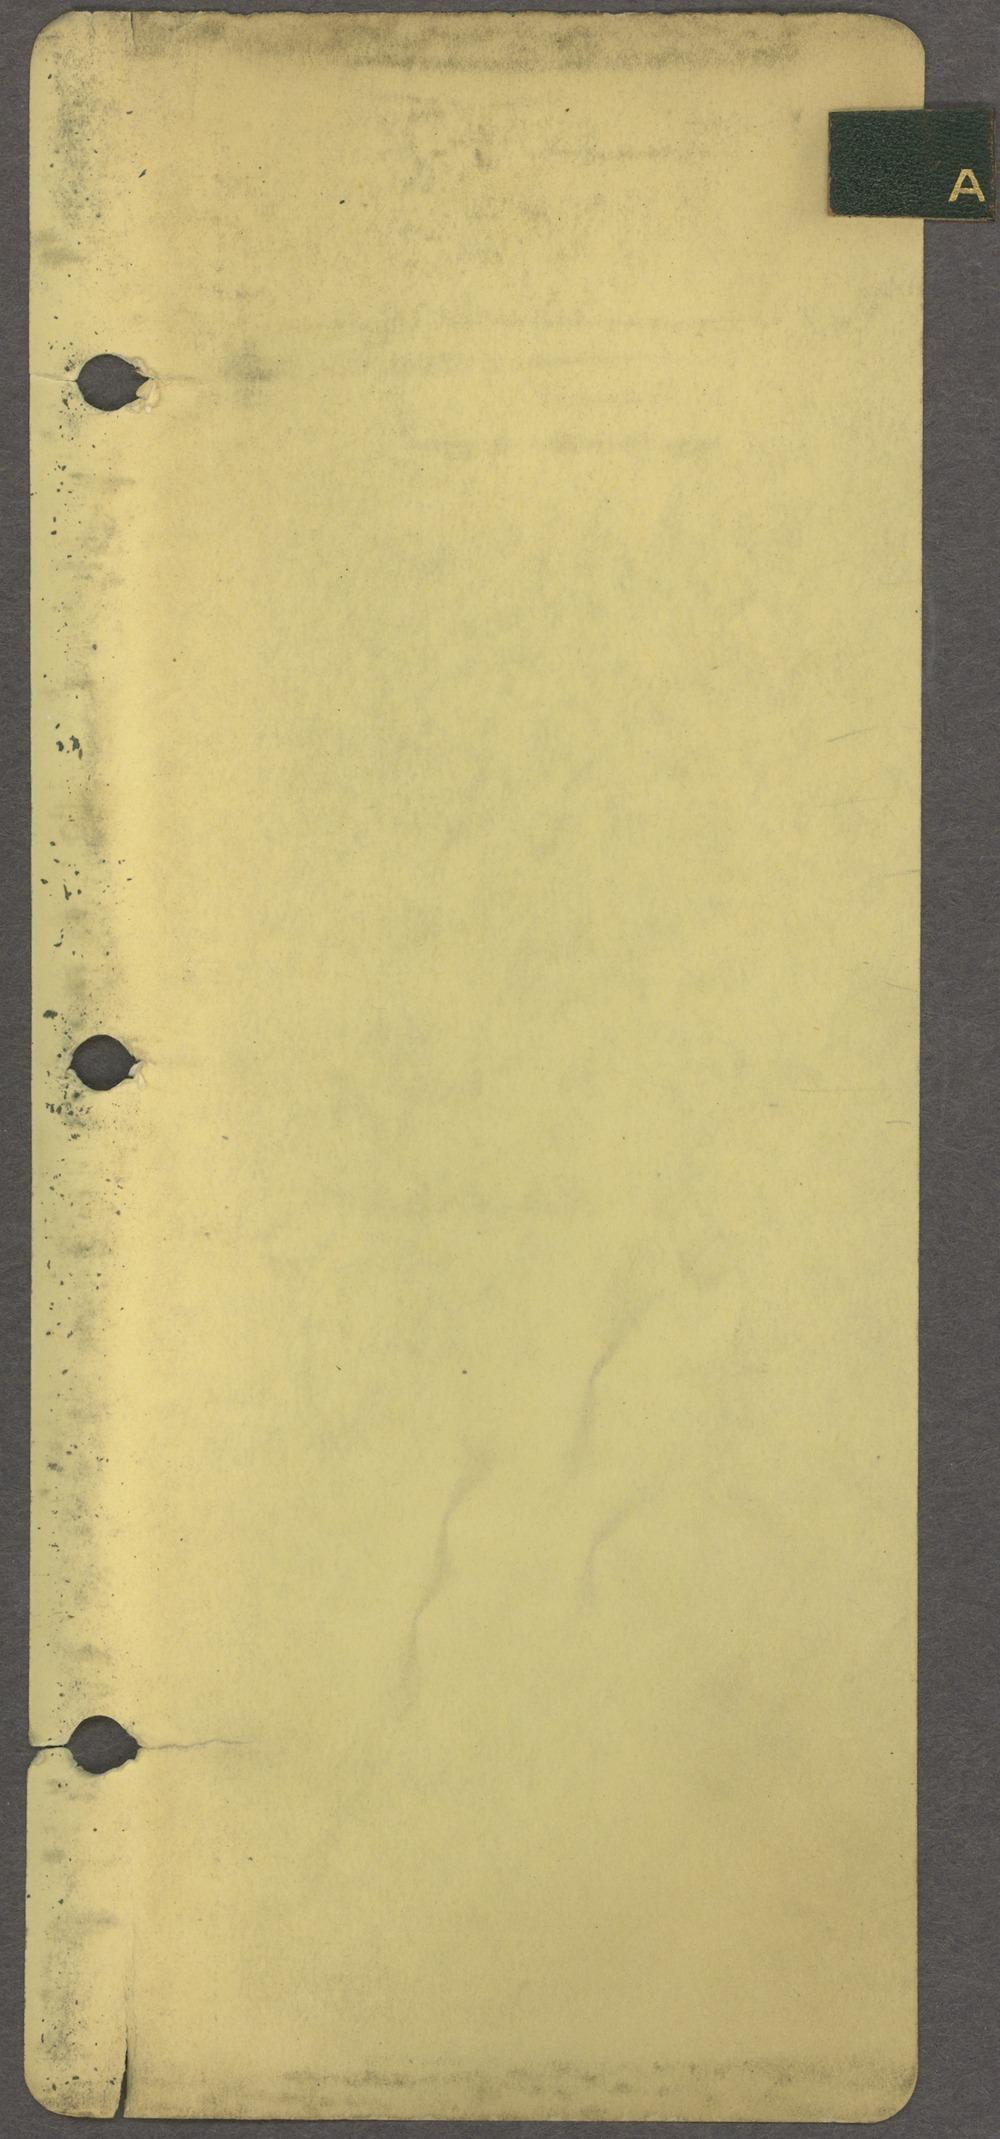 William Allen White address book - Tab A